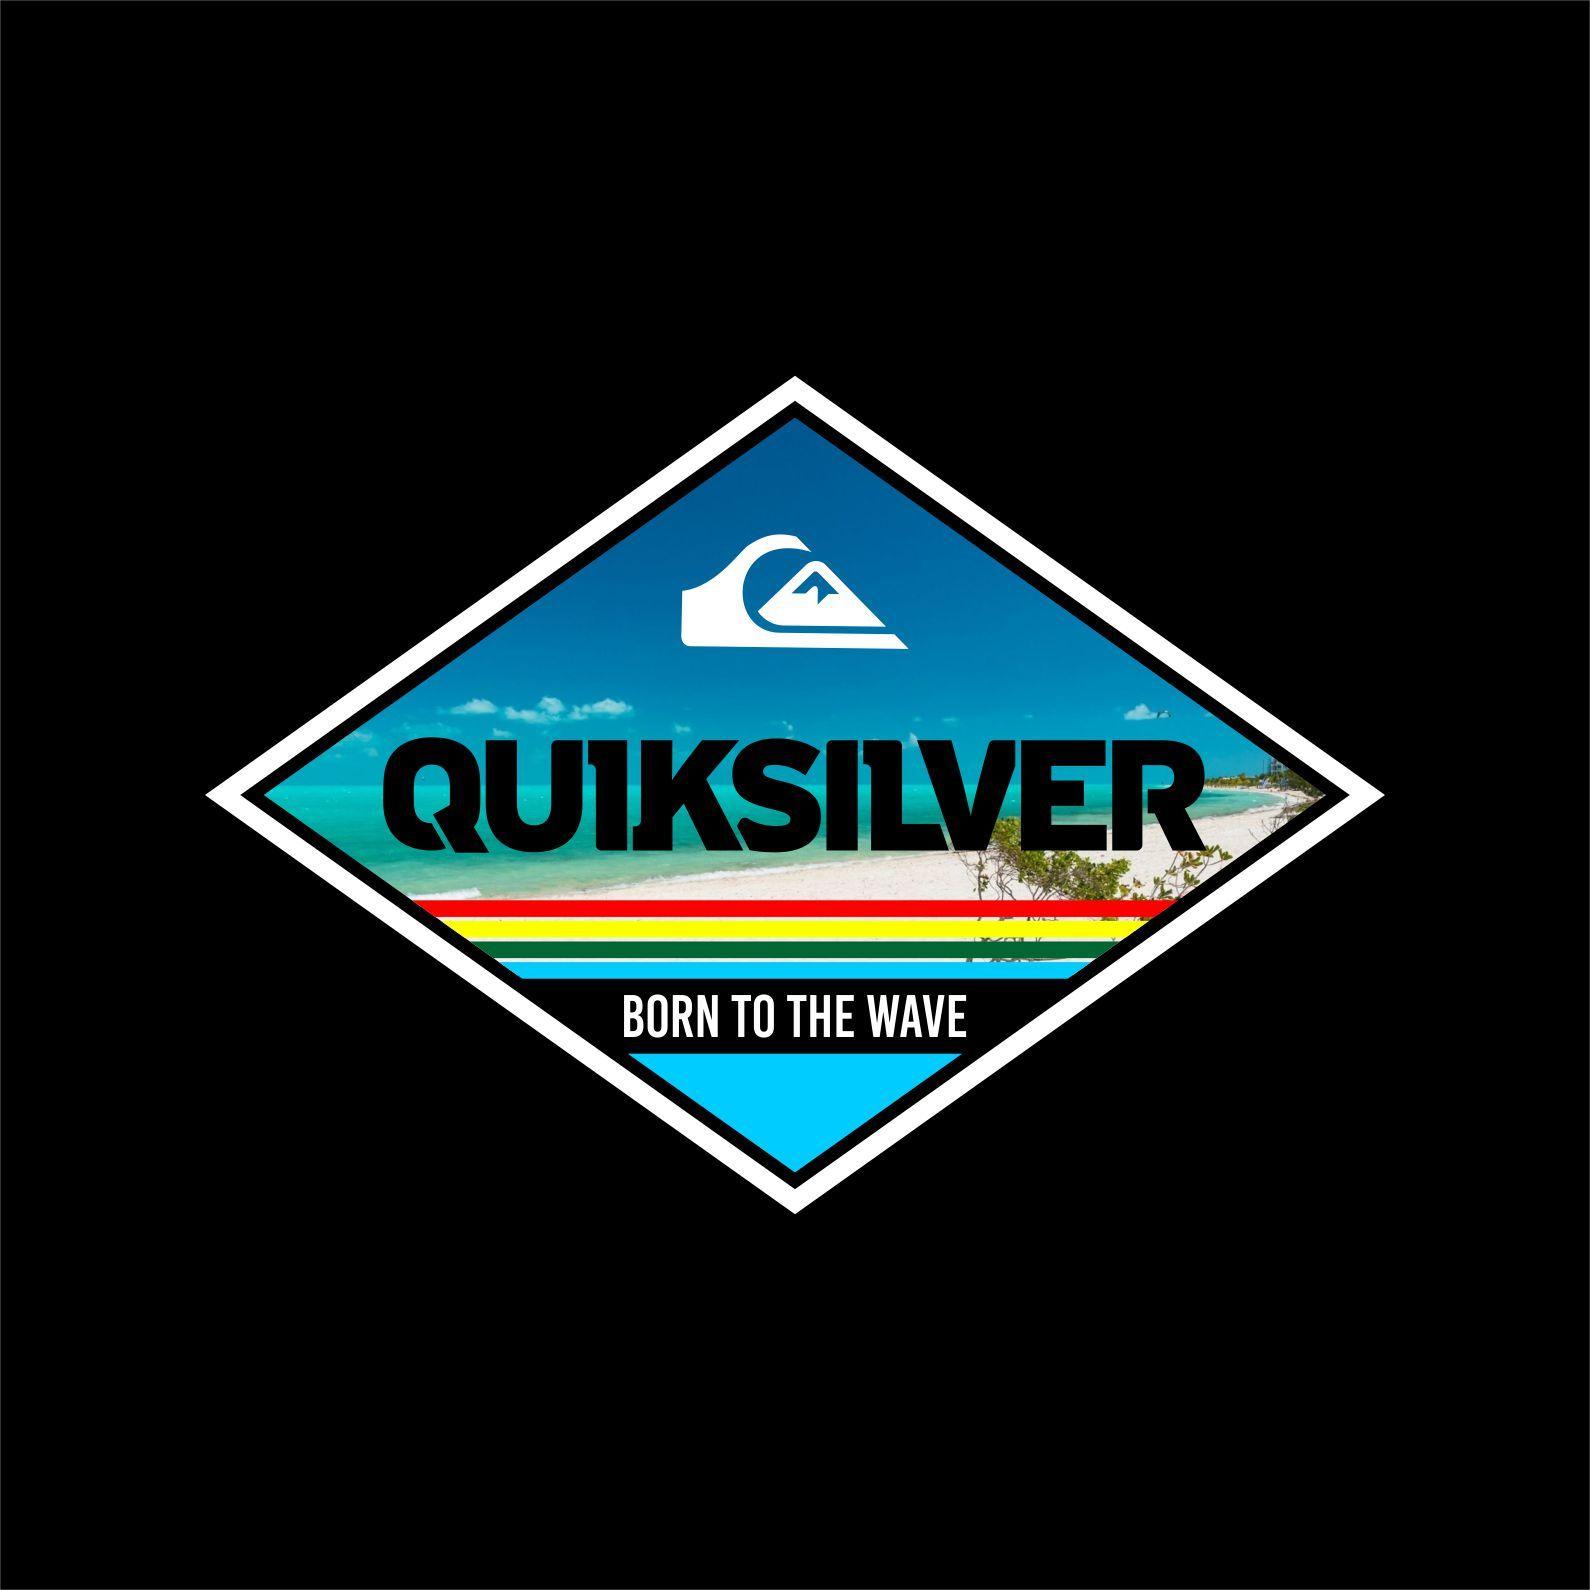 Levis Underarmour Adidas Nike Quiksilver Ripcurl Hurley Dc Volcom Oakley Spyderbilt Rusty Vans Logotipo De Surfe Desenho De Marca Arte Sobre Surfe